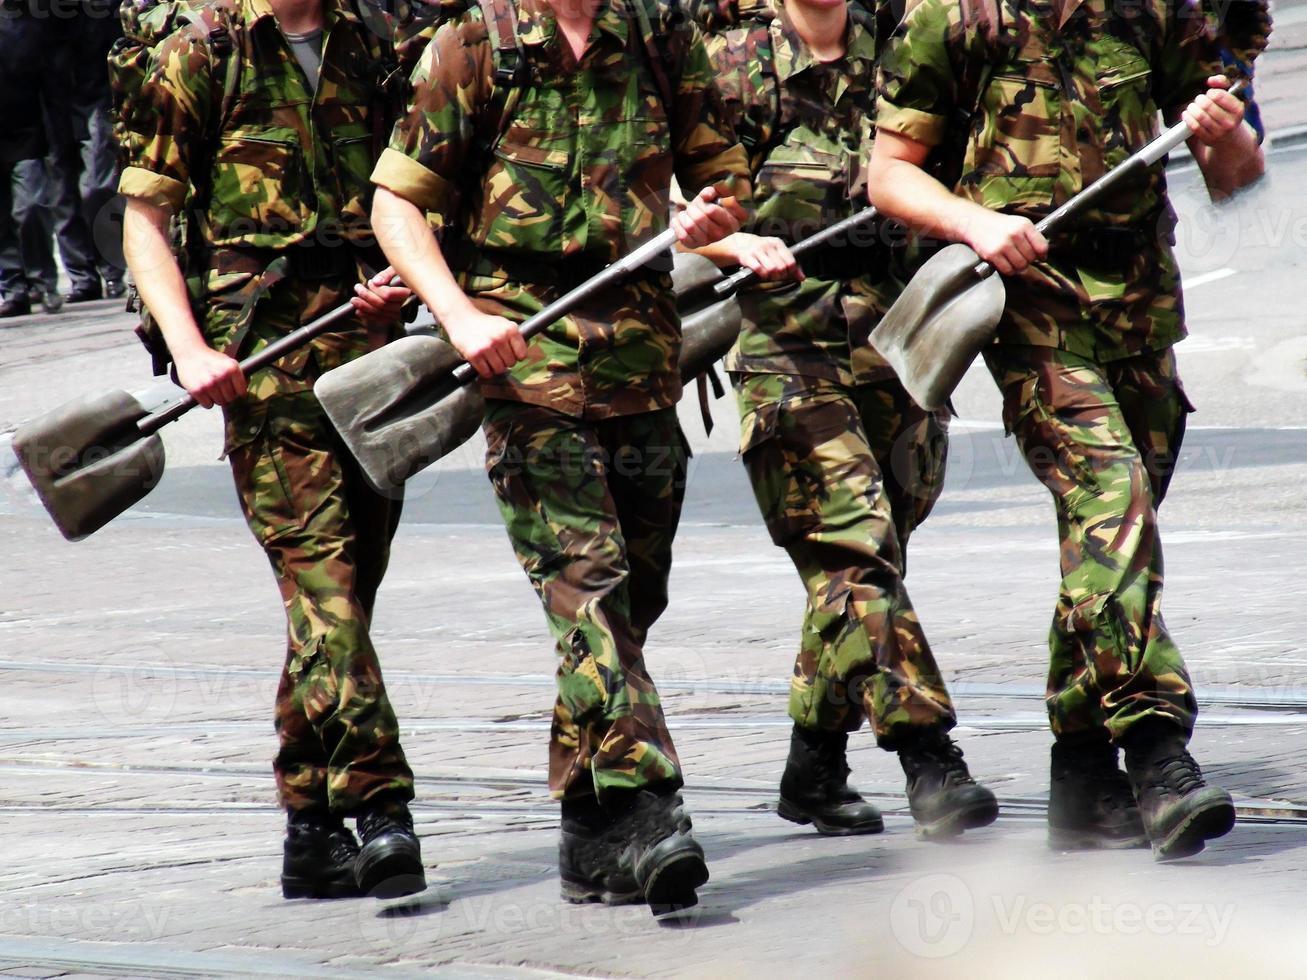 Soldaten marschieren mit Bauschaufel foto